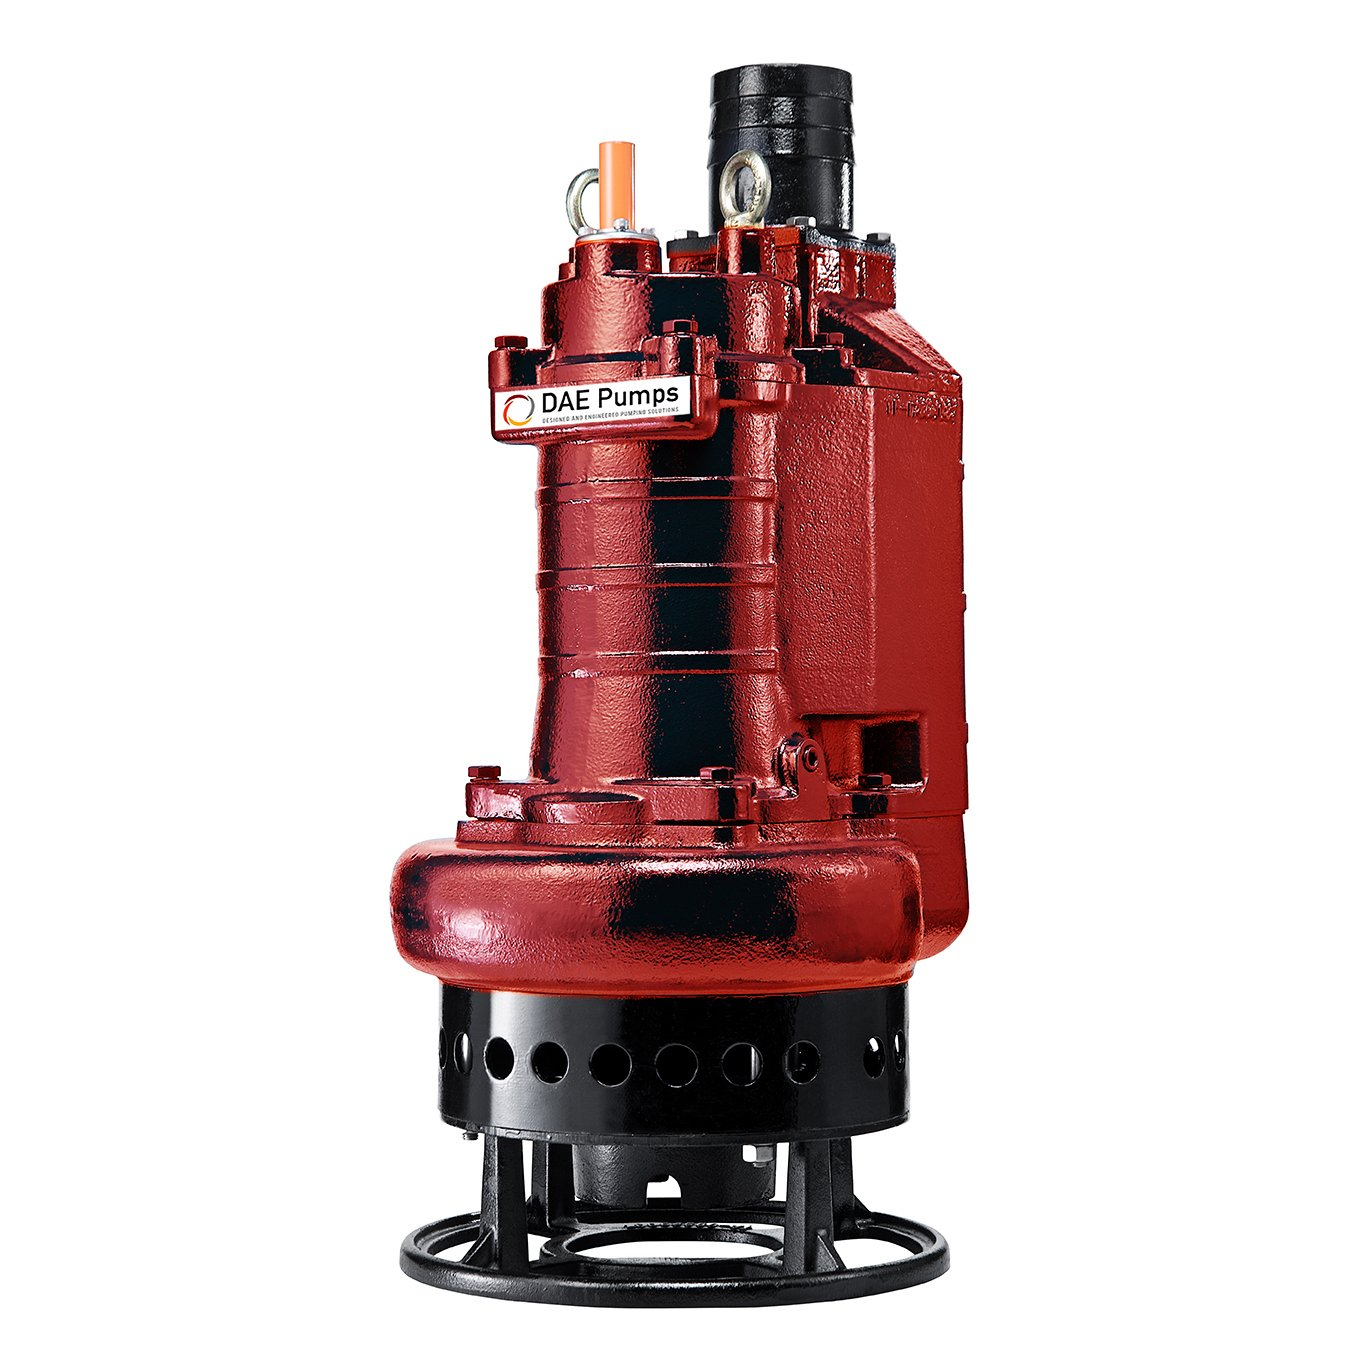 DAE Pumps 437-P Submersible Slurry Pump